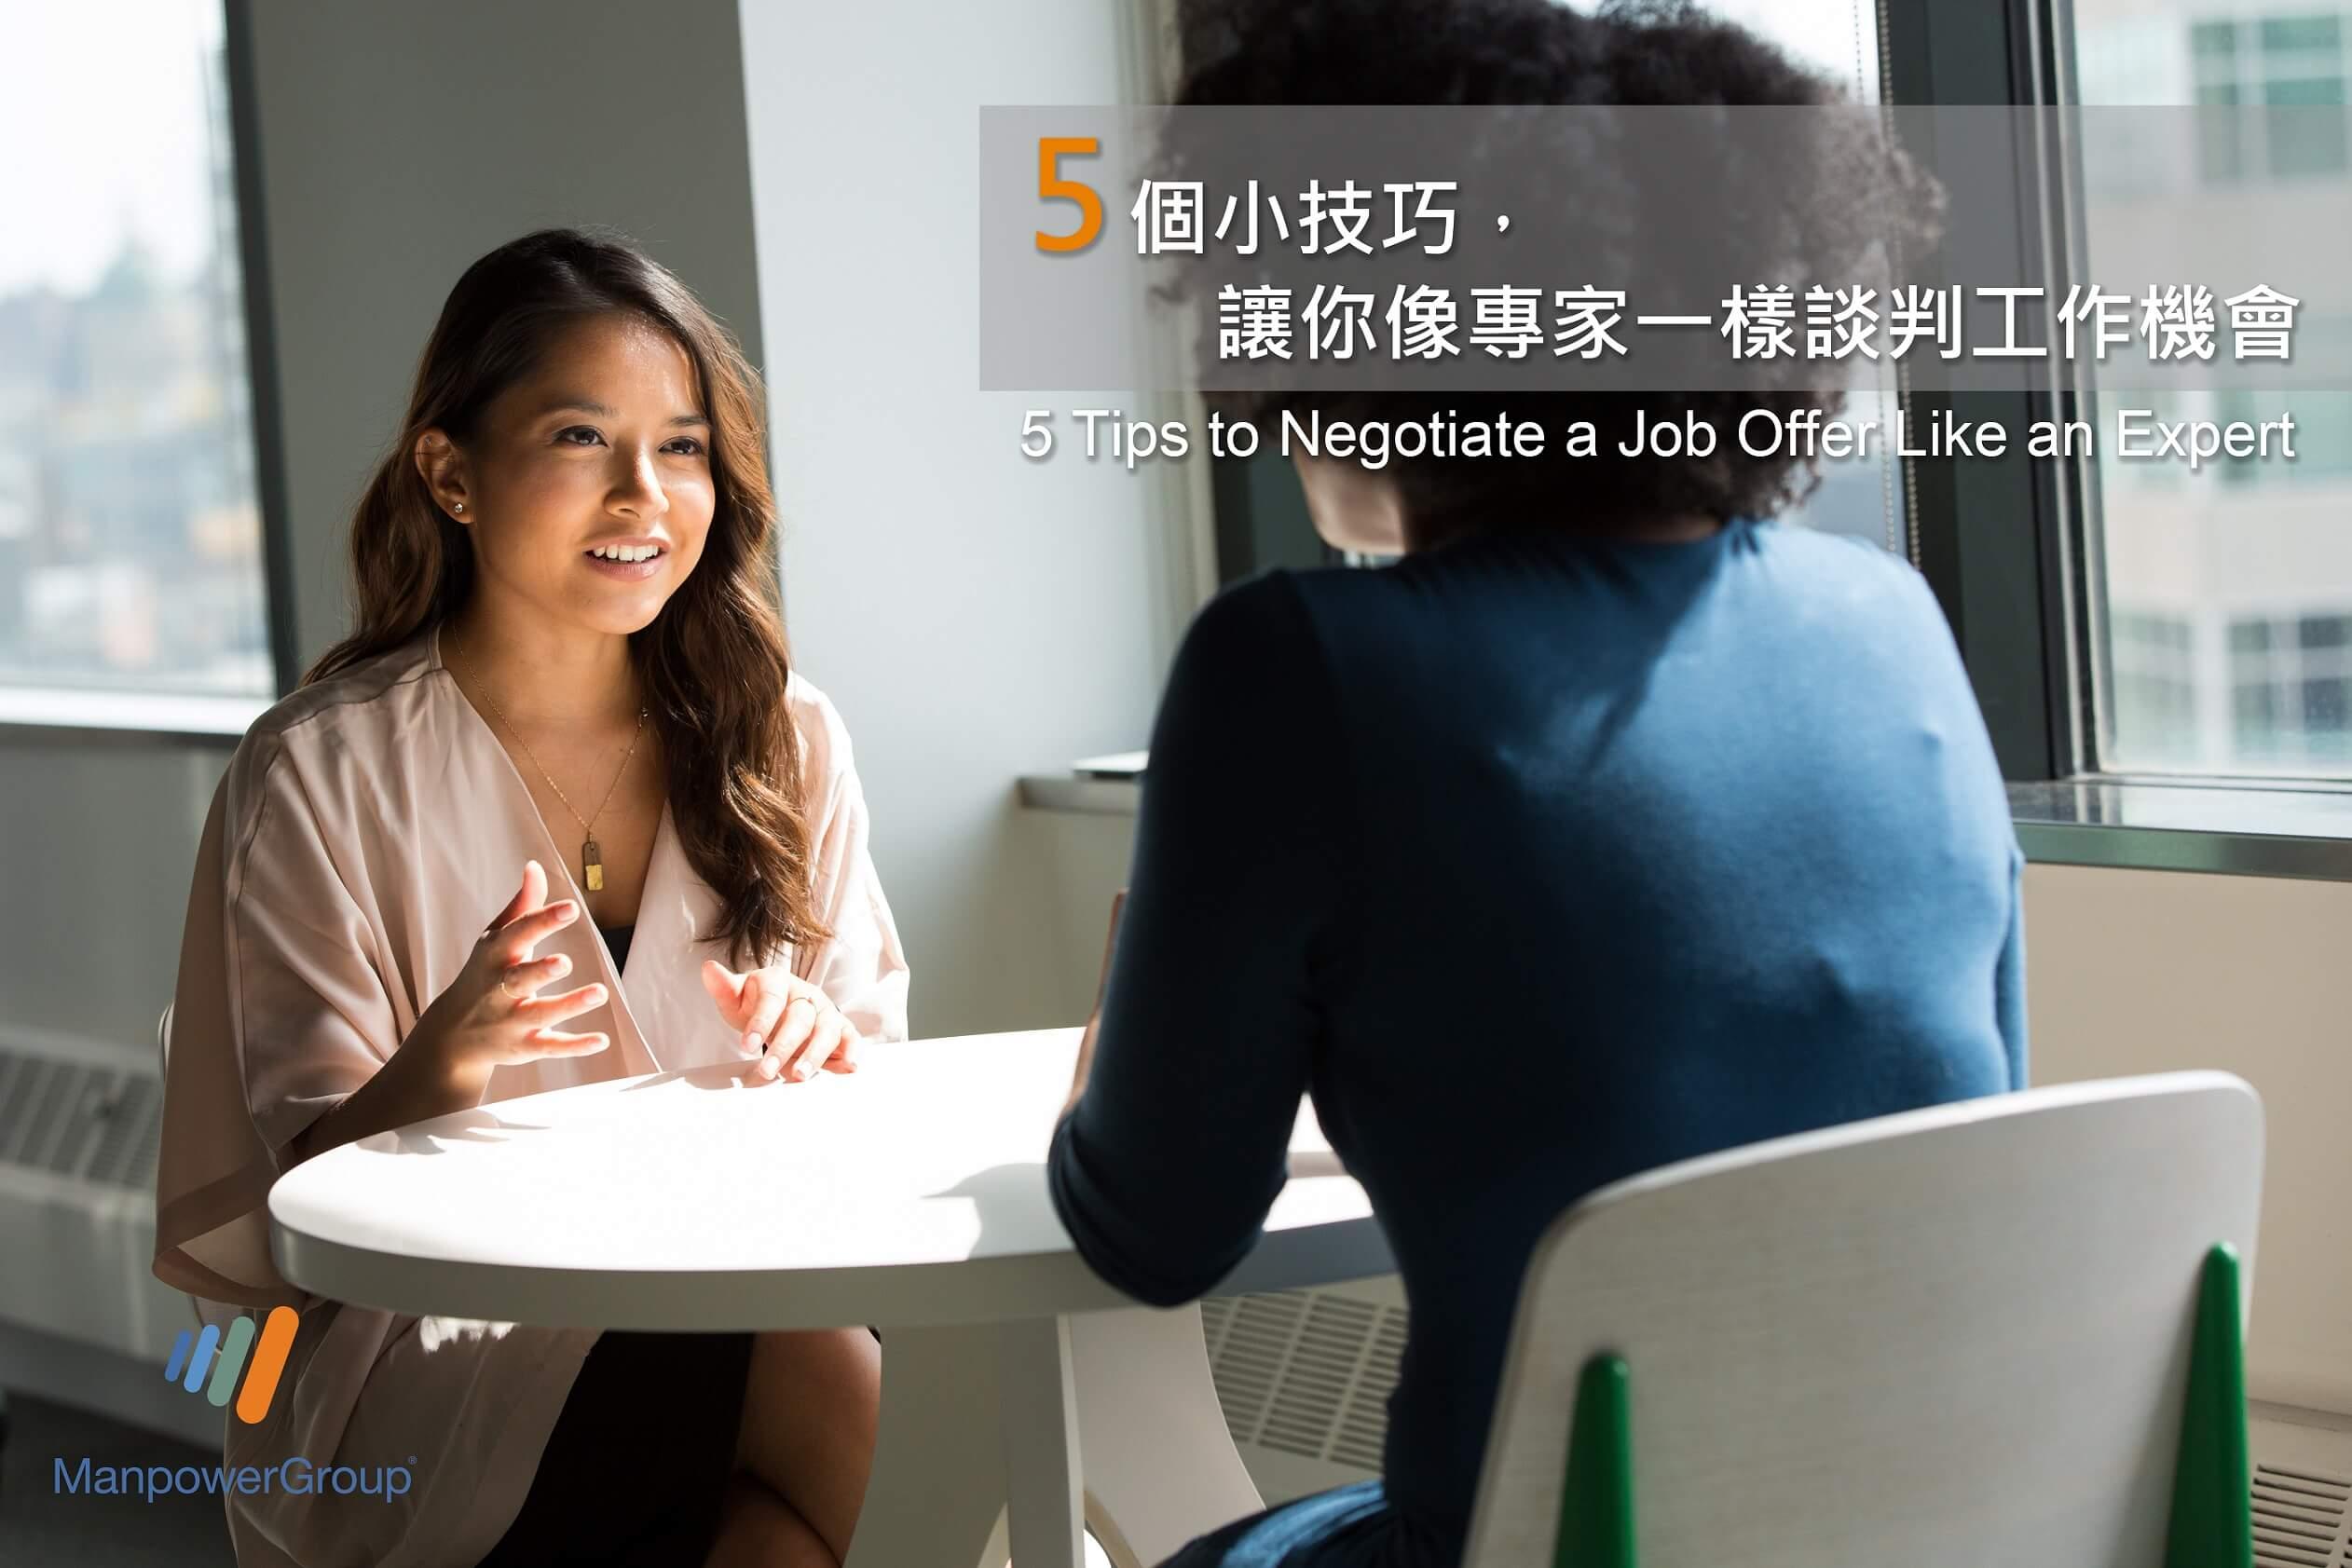 【萬寶華職場專欄】5個小技巧,讓你像專家一樣談判工作機會